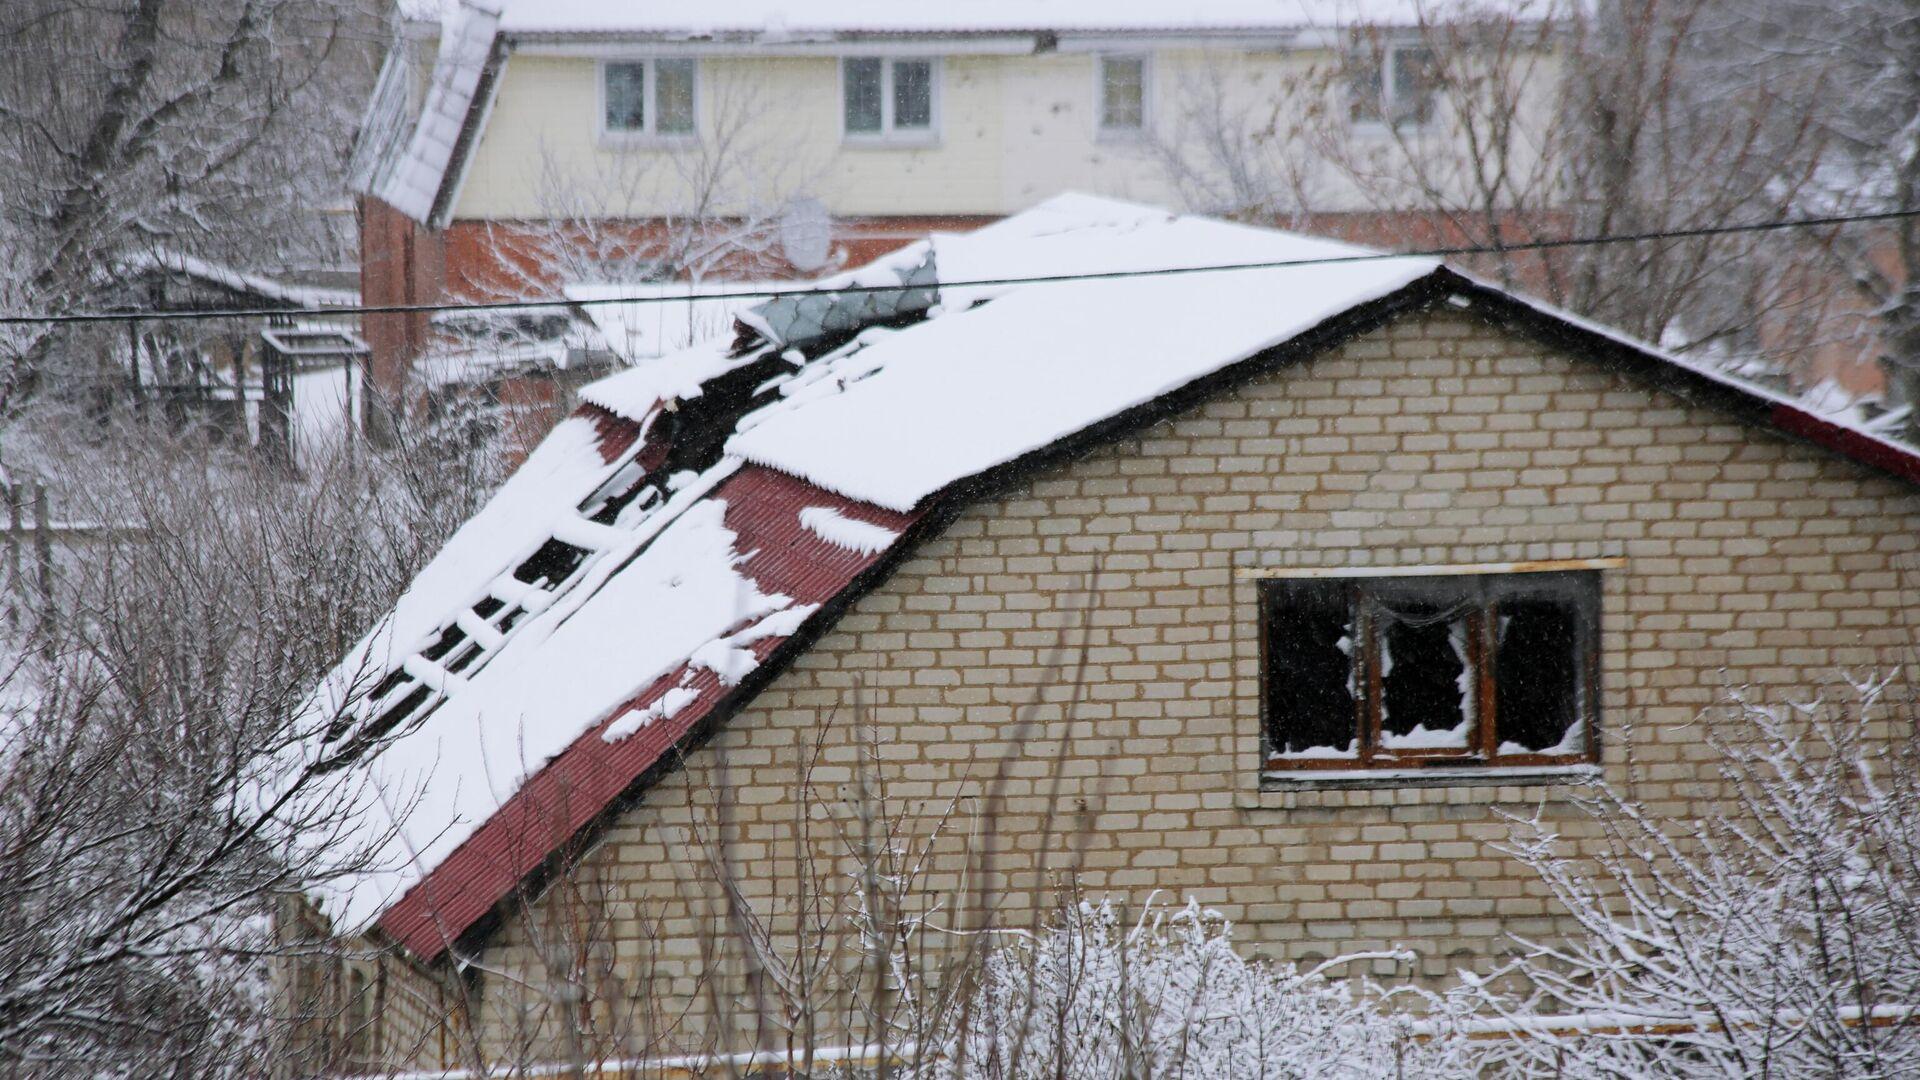 Дом в поселке Веселое Донецкой области, получивший повреждения во время боевых действий - РИА Новости, 1920, 11.03.2021